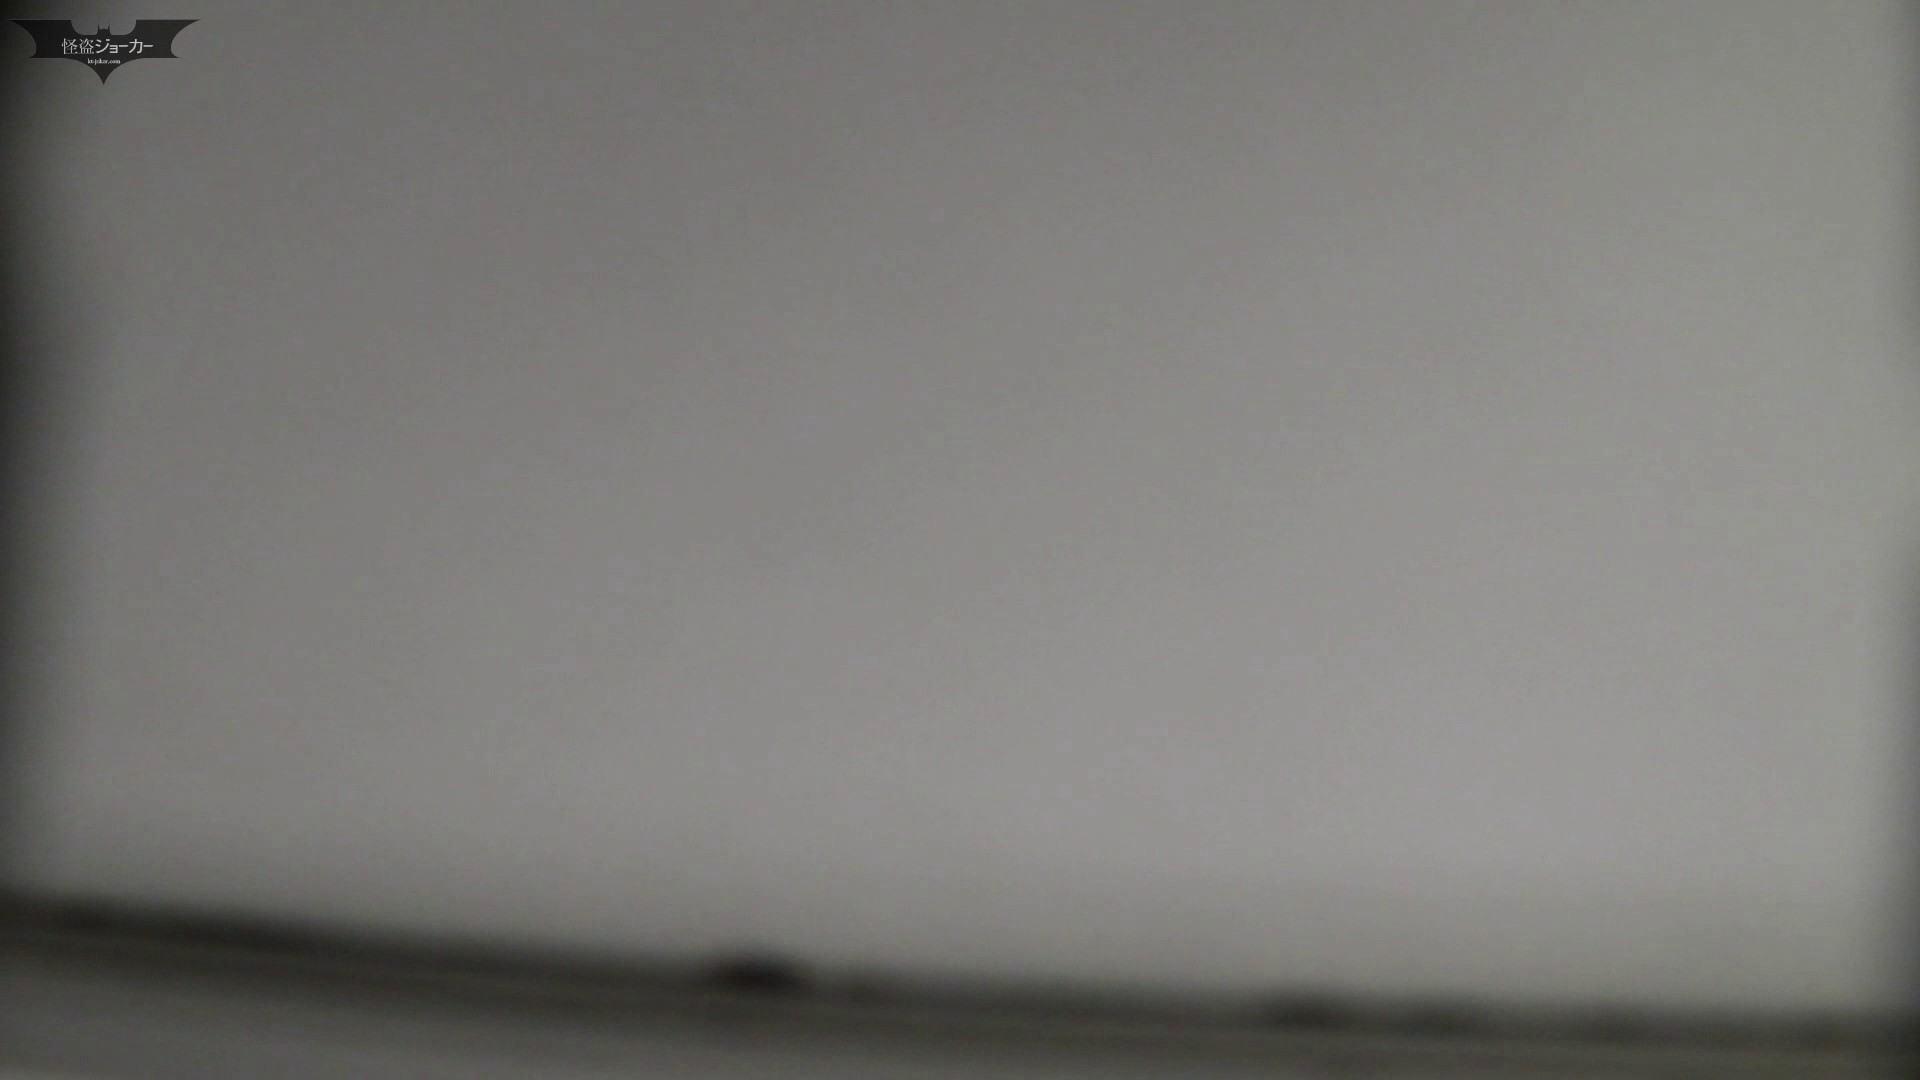 無修正おまんこ動画 下からノゾム vol.015 これがいわゆる「タ・ラ・コ」唇ってやつですね。 怪盗ジョーカー